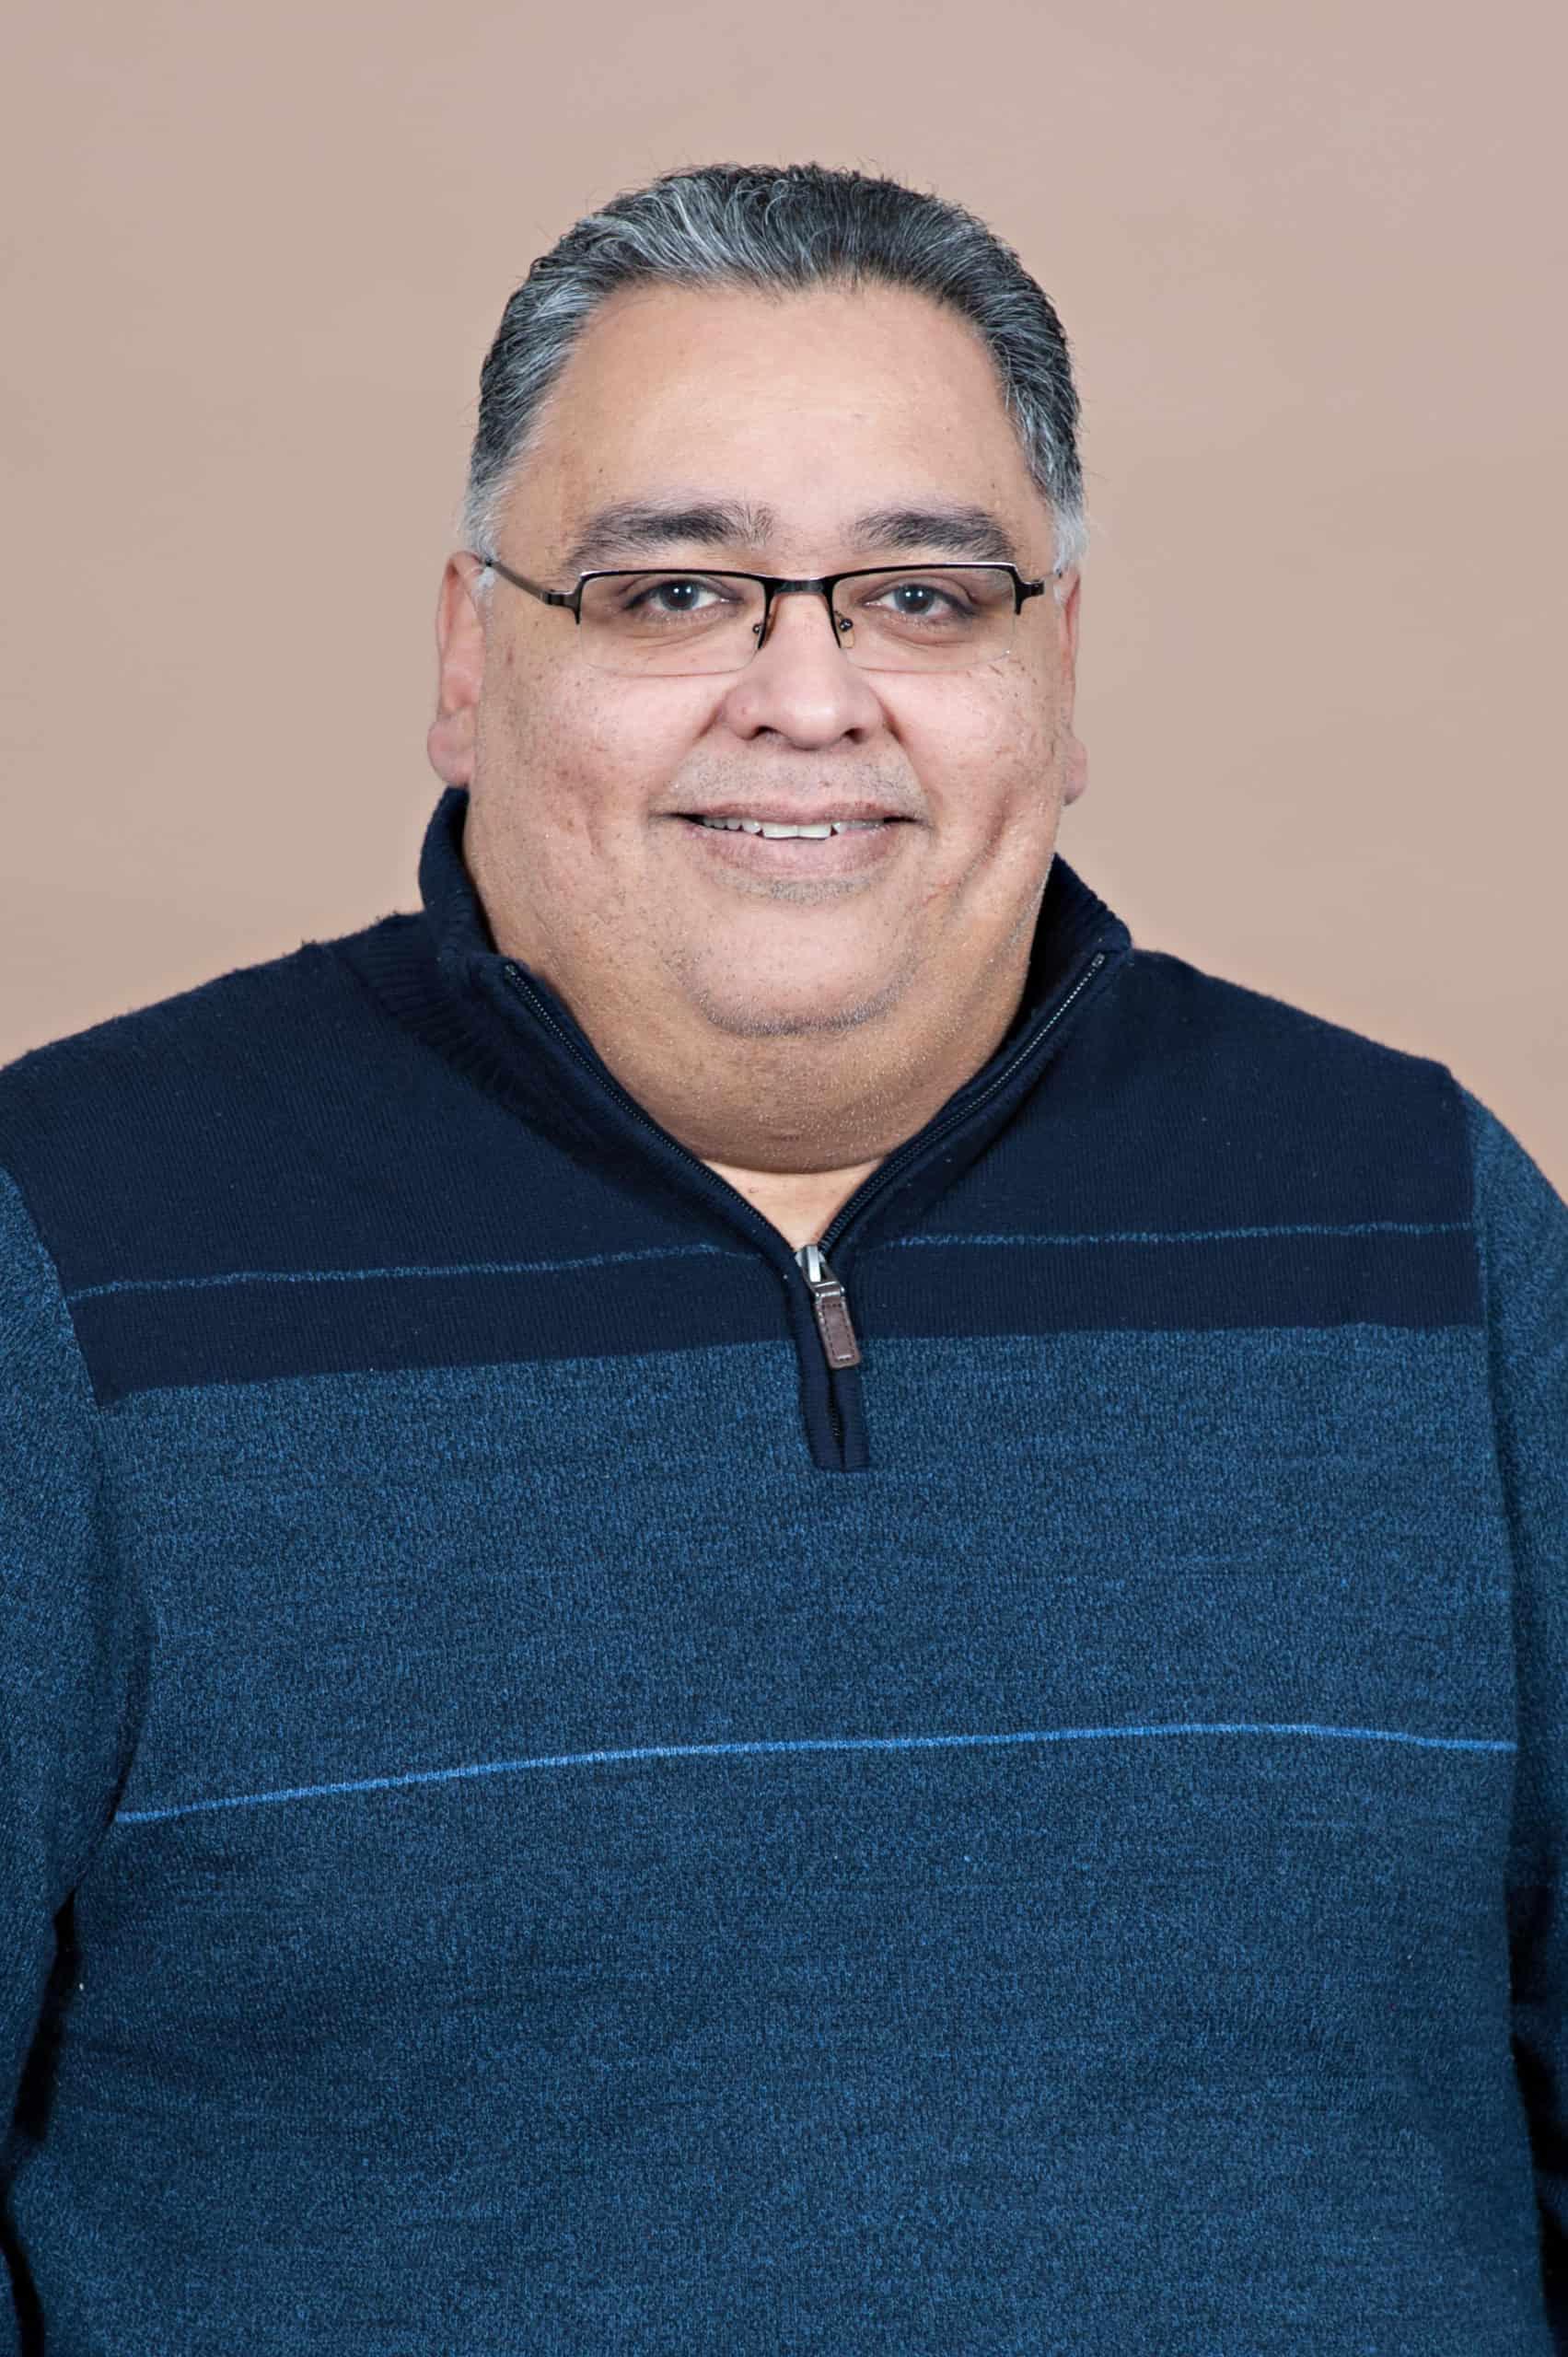 REV. DR. CECILIO HERNANDEZ